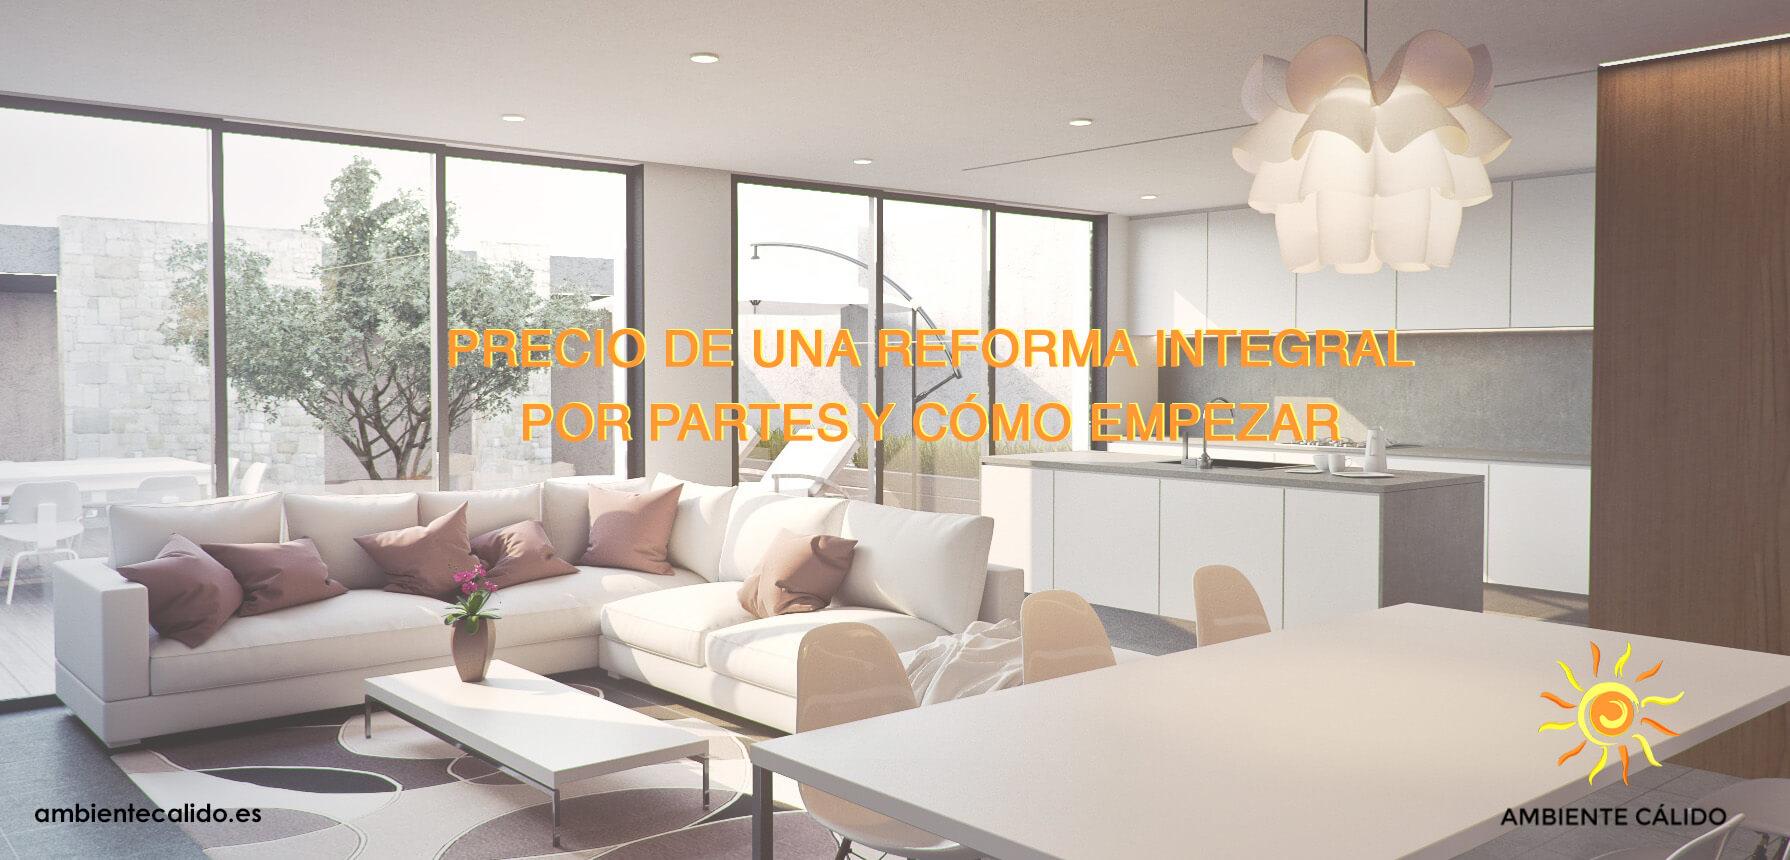 Cu nto cuesta una reforma integral y c mo empezar for Reforma integral piso 100 metros